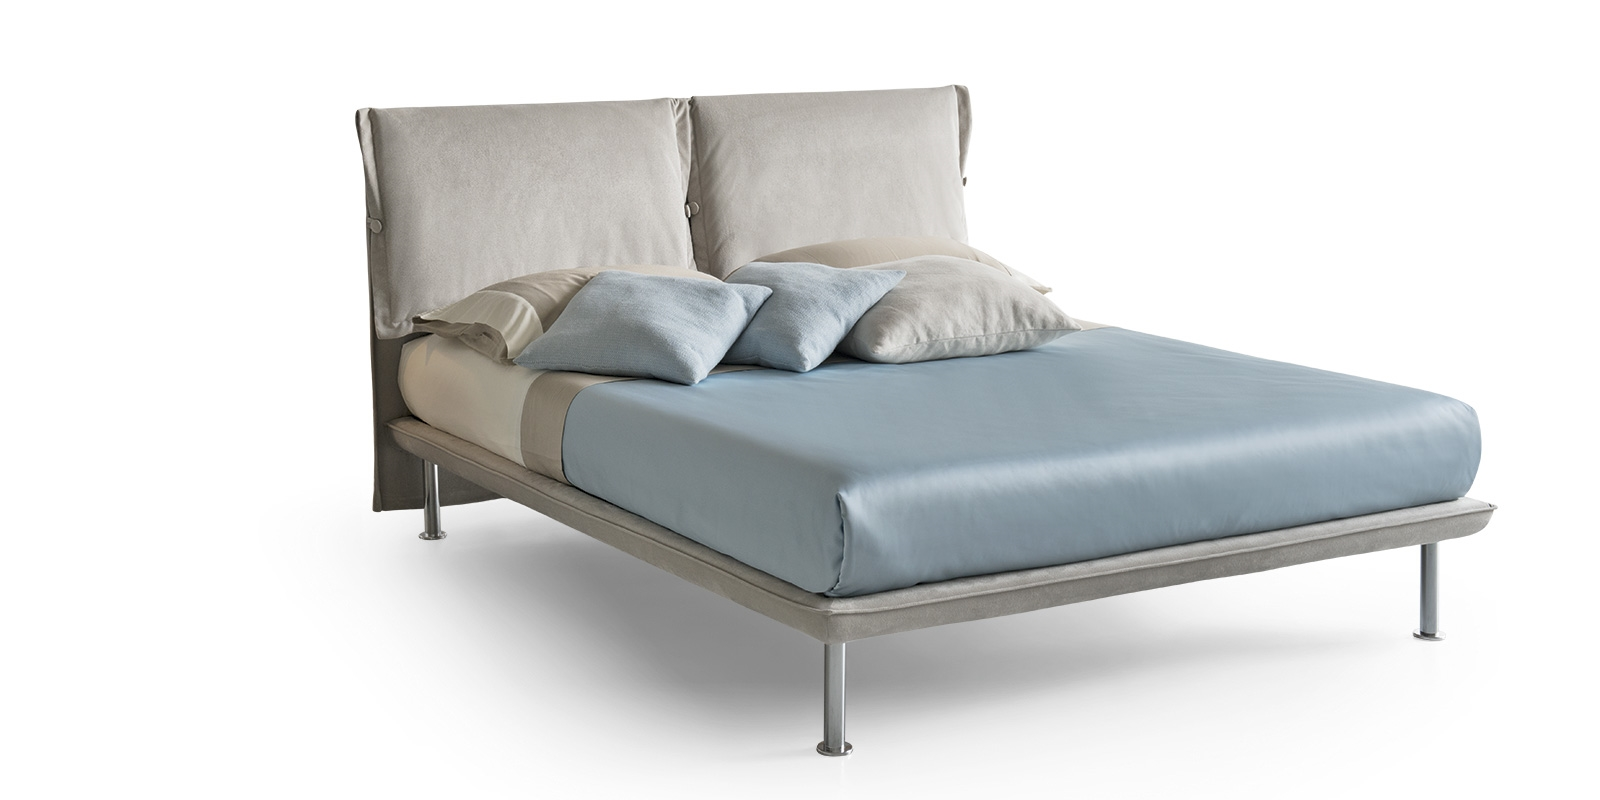 Letto azzurrite scontato del 40 letti a prezzi scontati - Gambe del letto ...